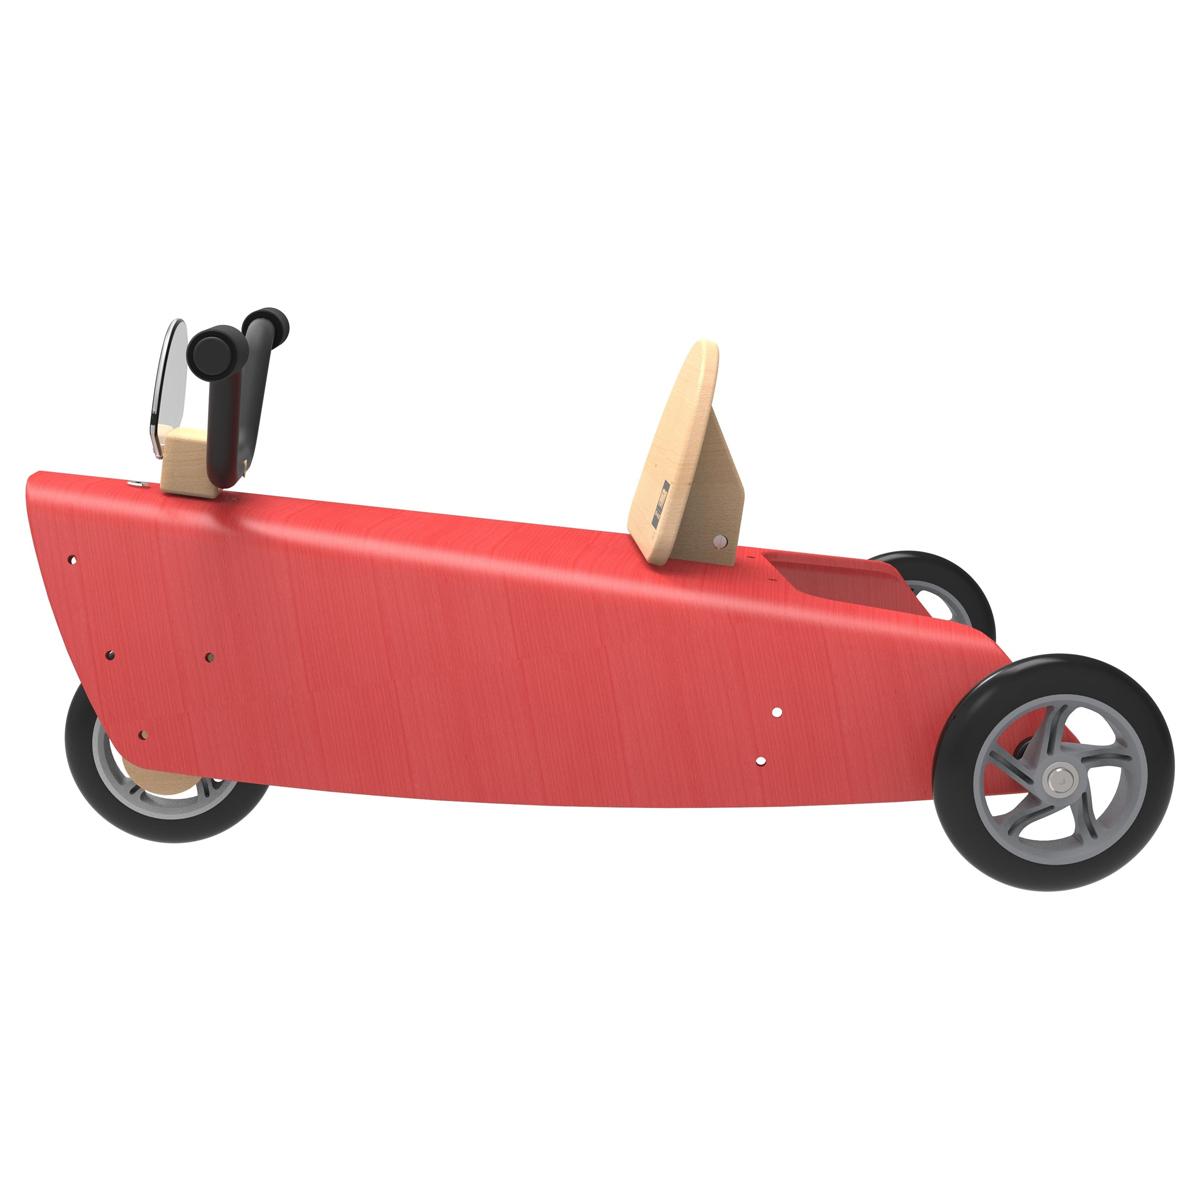 chou du volant porteur moto 2 en 1 rouge trotteur porteur chou du volant sur l 39 armoire de b b. Black Bedroom Furniture Sets. Home Design Ideas